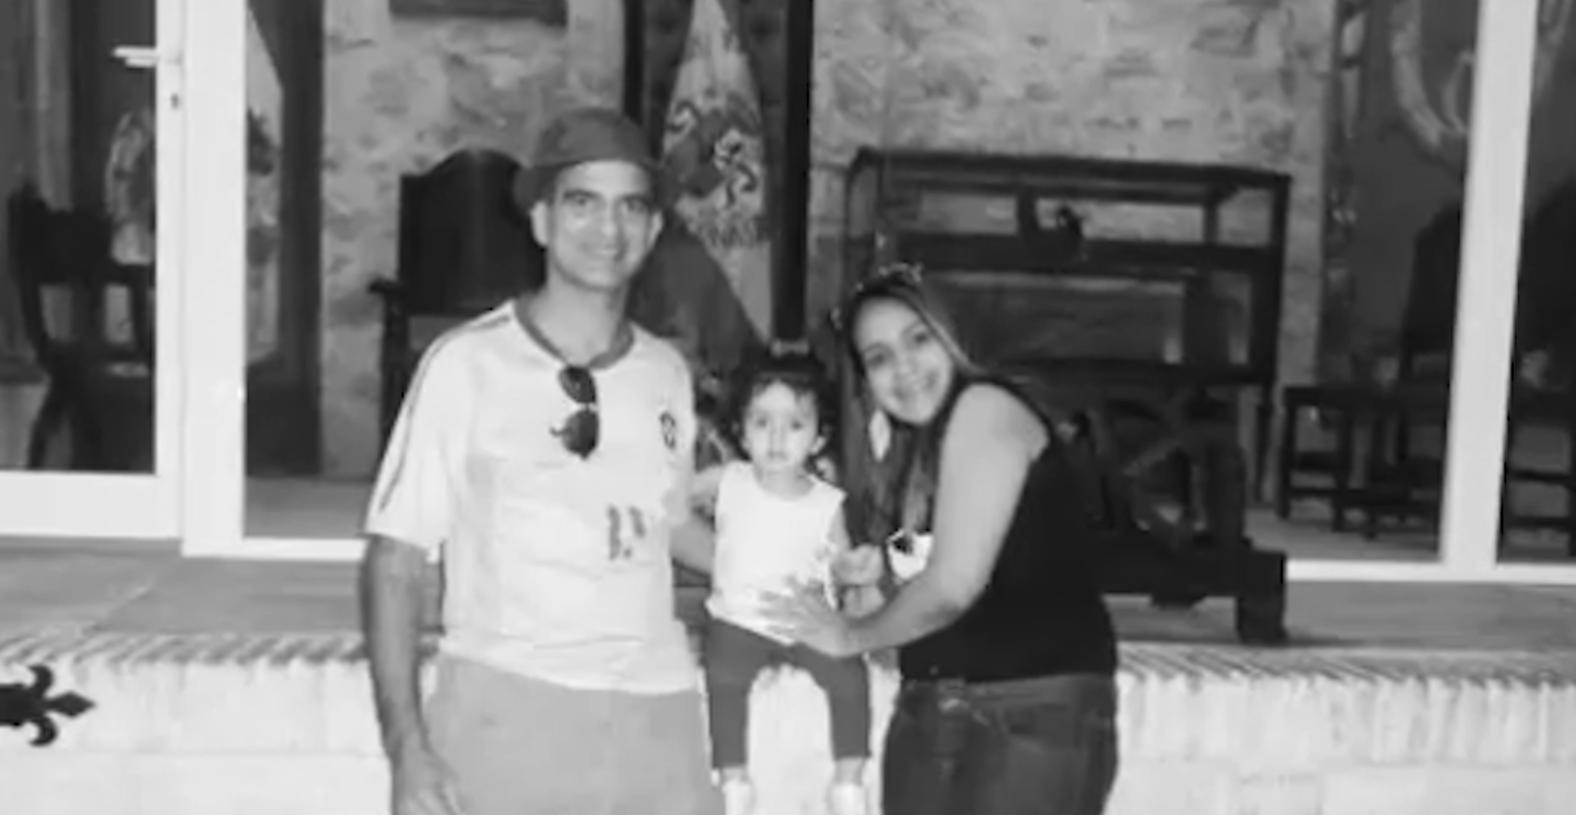 Marcos y Janaína, la pareja descuartizada en Pioz, con uno de sus hijos. (OKD)